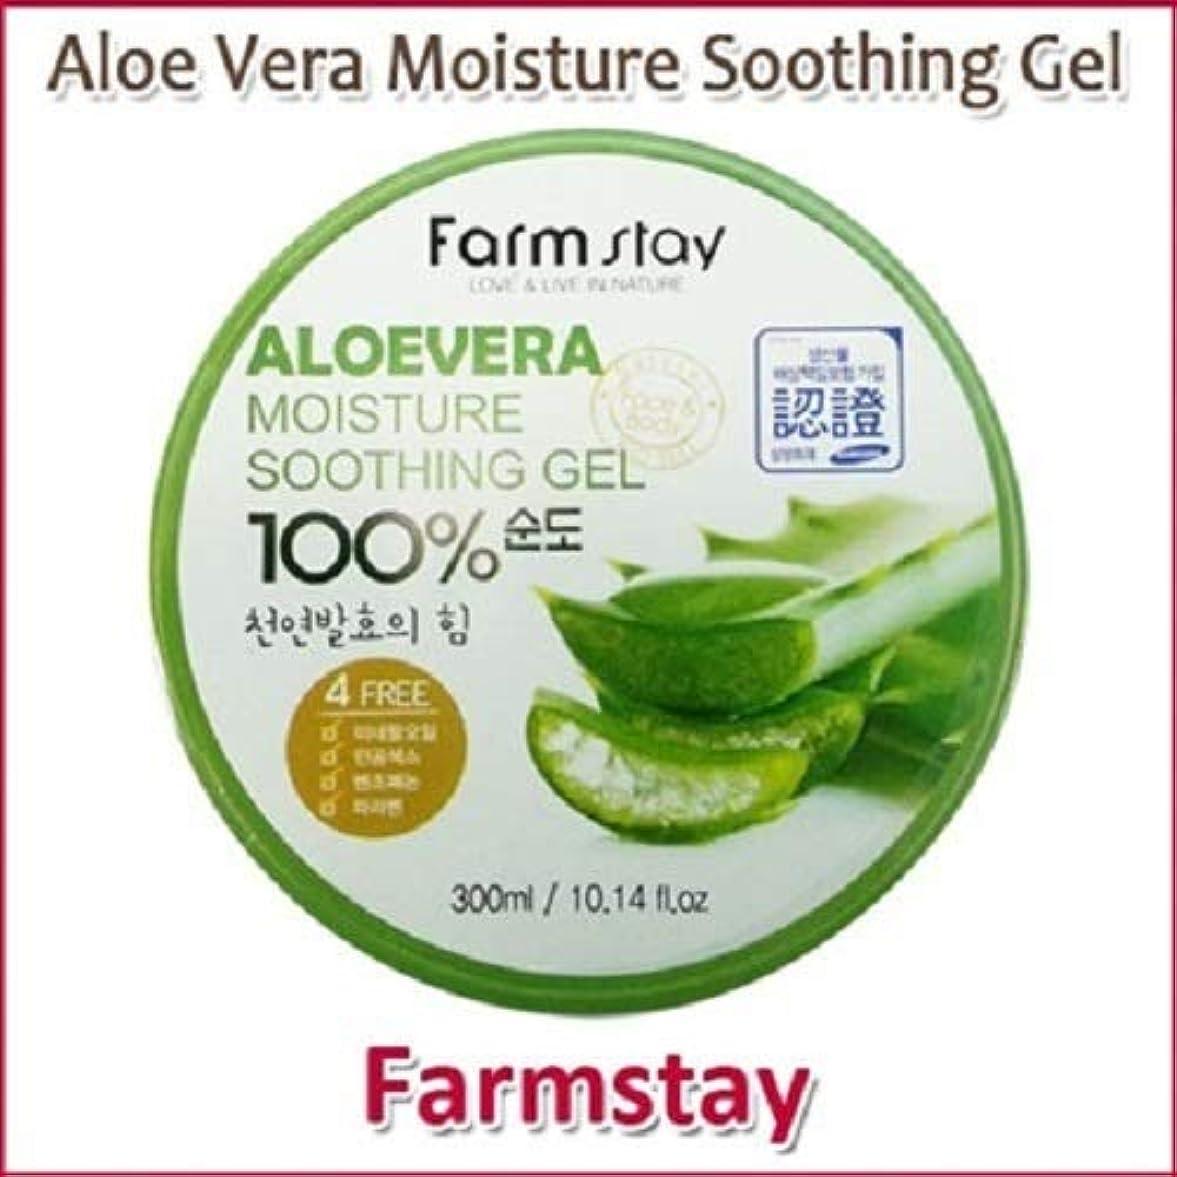 状況フェローシップモンクFarm Stay Aloe Vera Moisture Soothing Gel 300ml /オーガニック アロエベラゲル 100%/保湿ケア/韓国コスメ/Aloe Vera 100% /Moisturizing [...